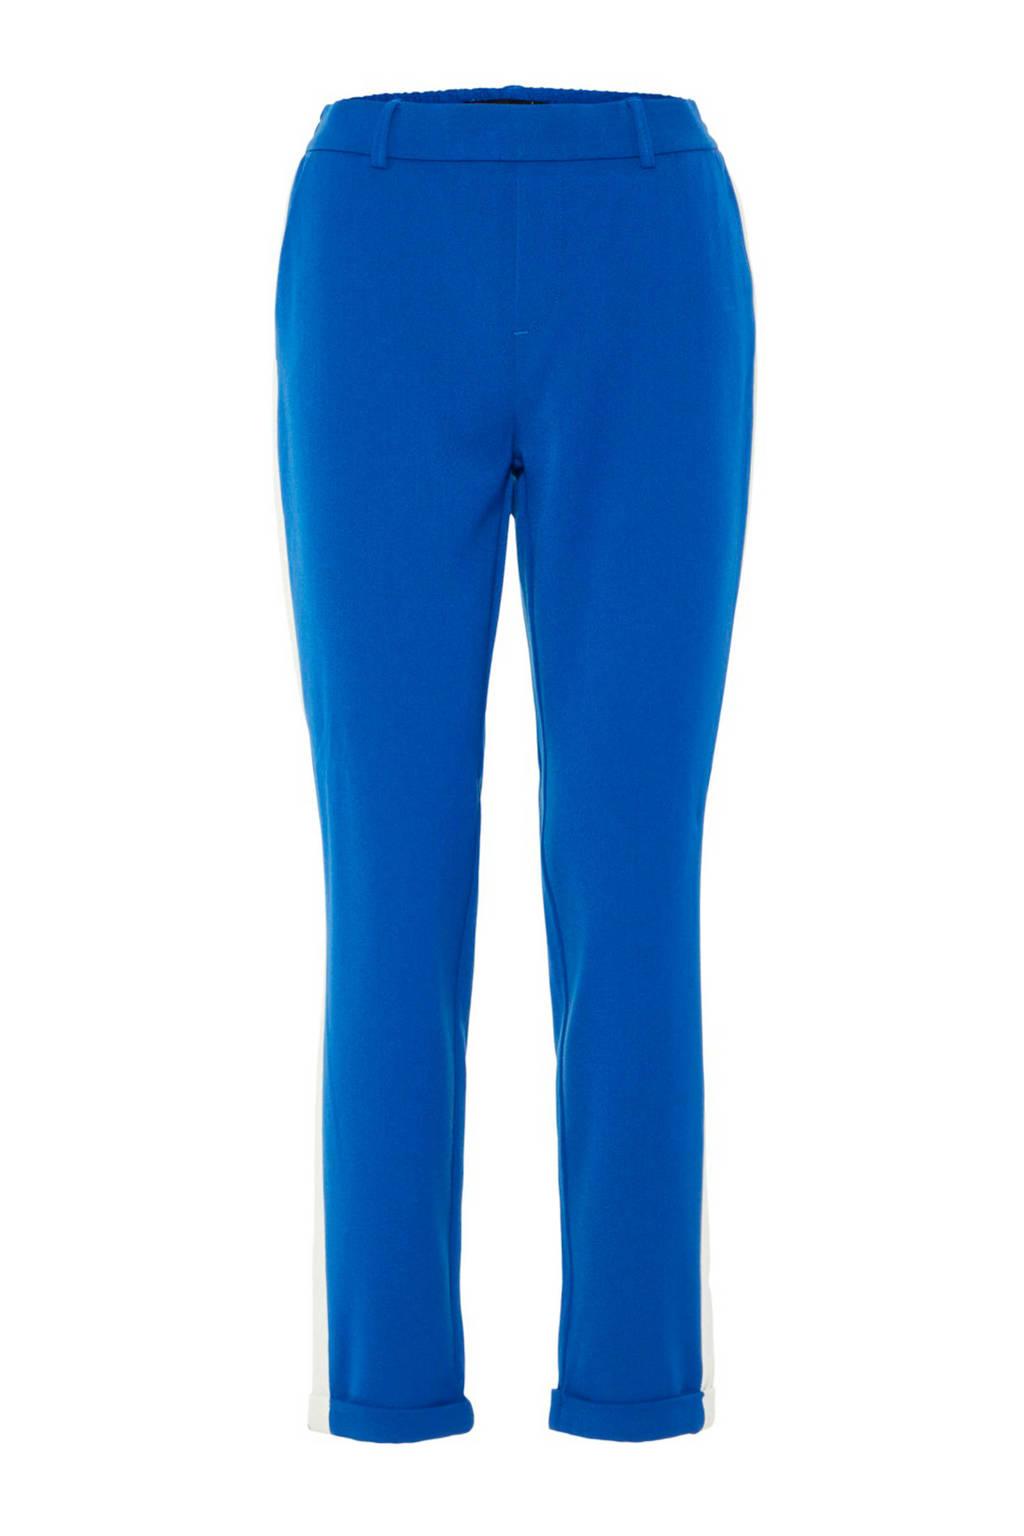 VERO MODA broek met zijstreep, Blauw